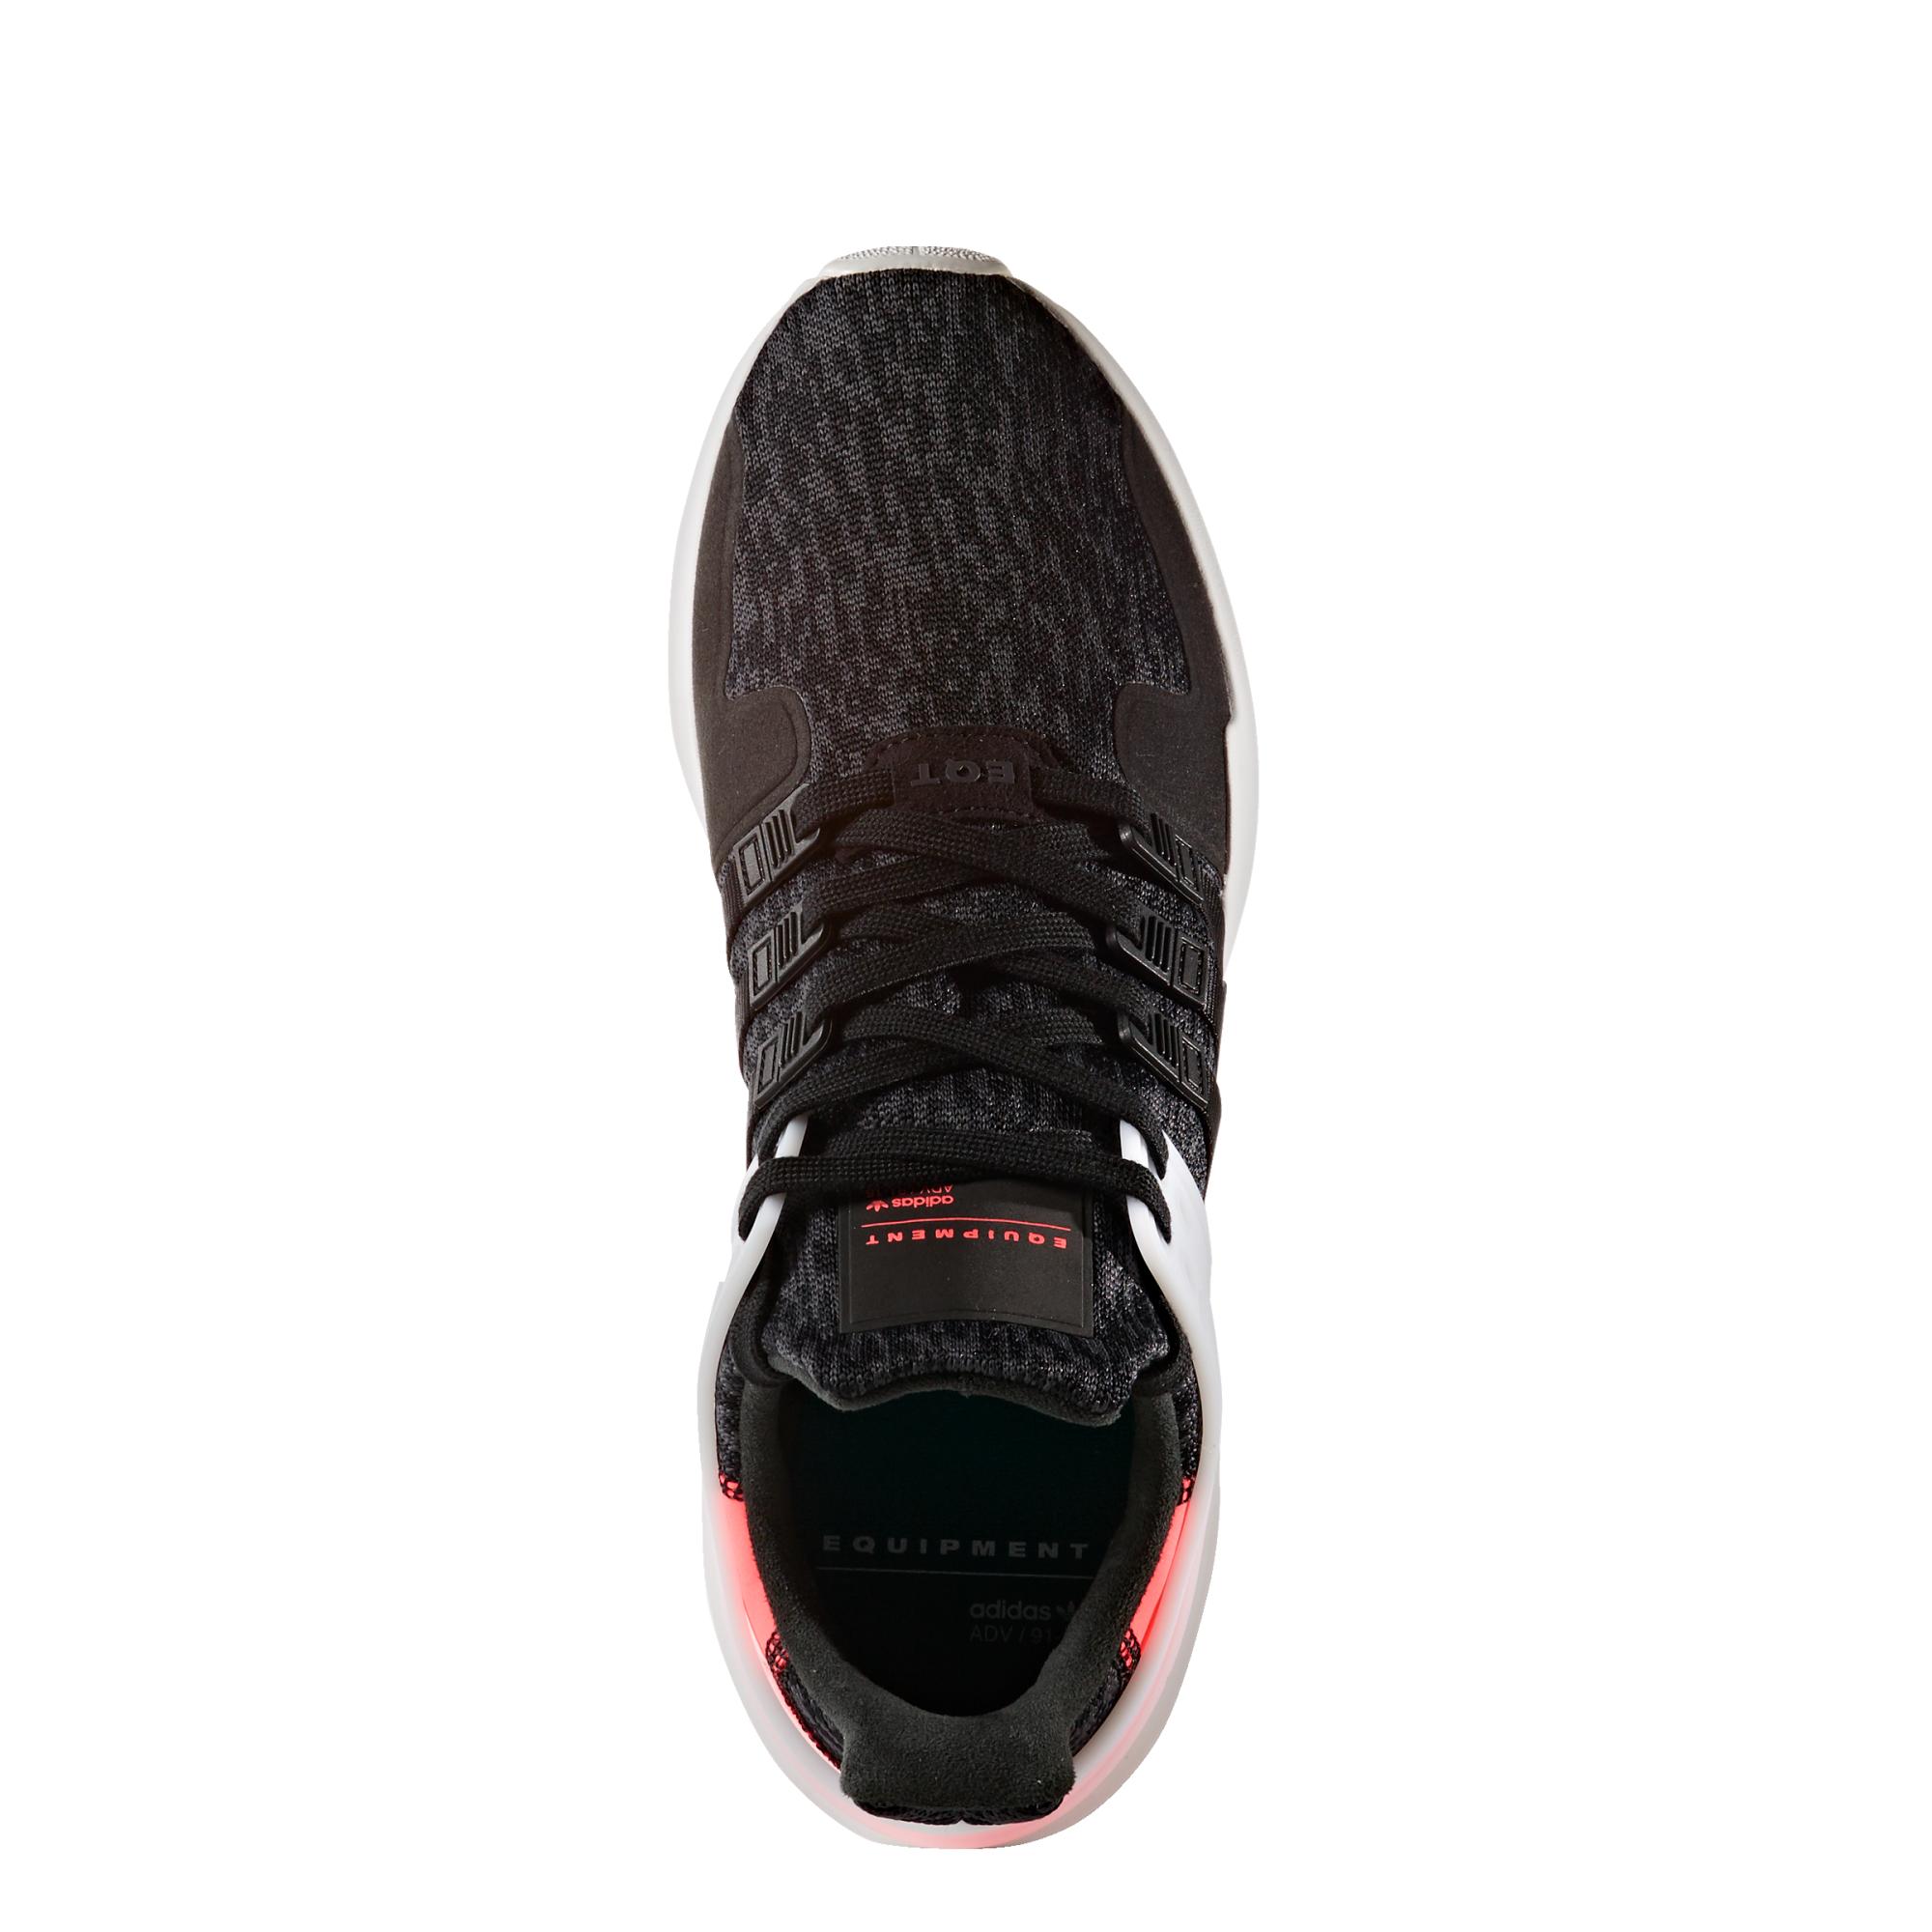 adidas eqt support negras